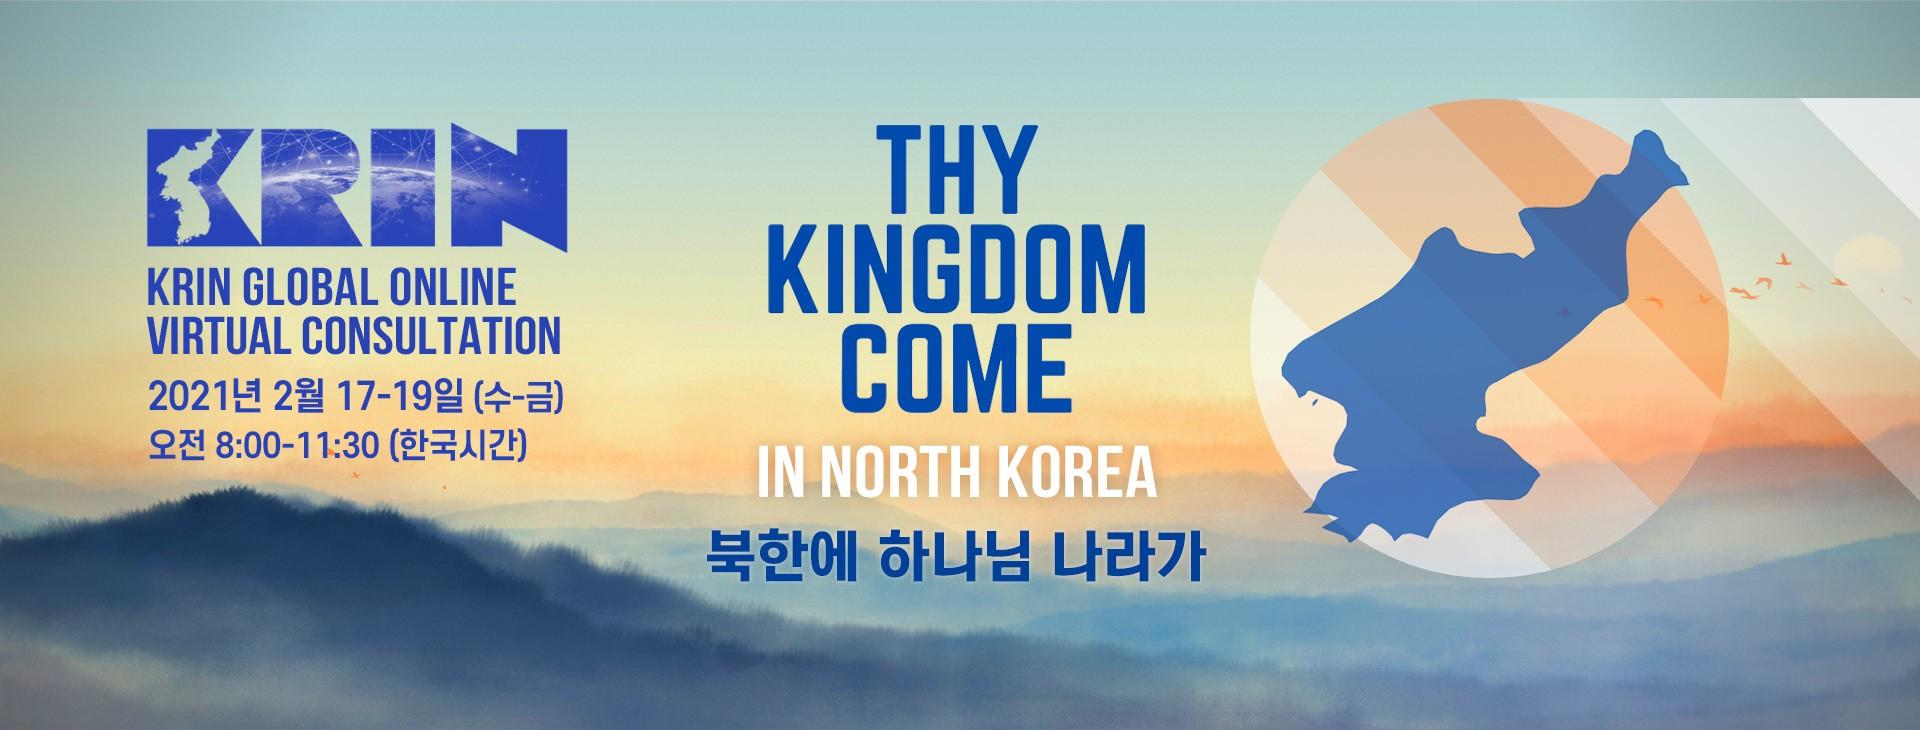 북한에 하나님 나라가 최종